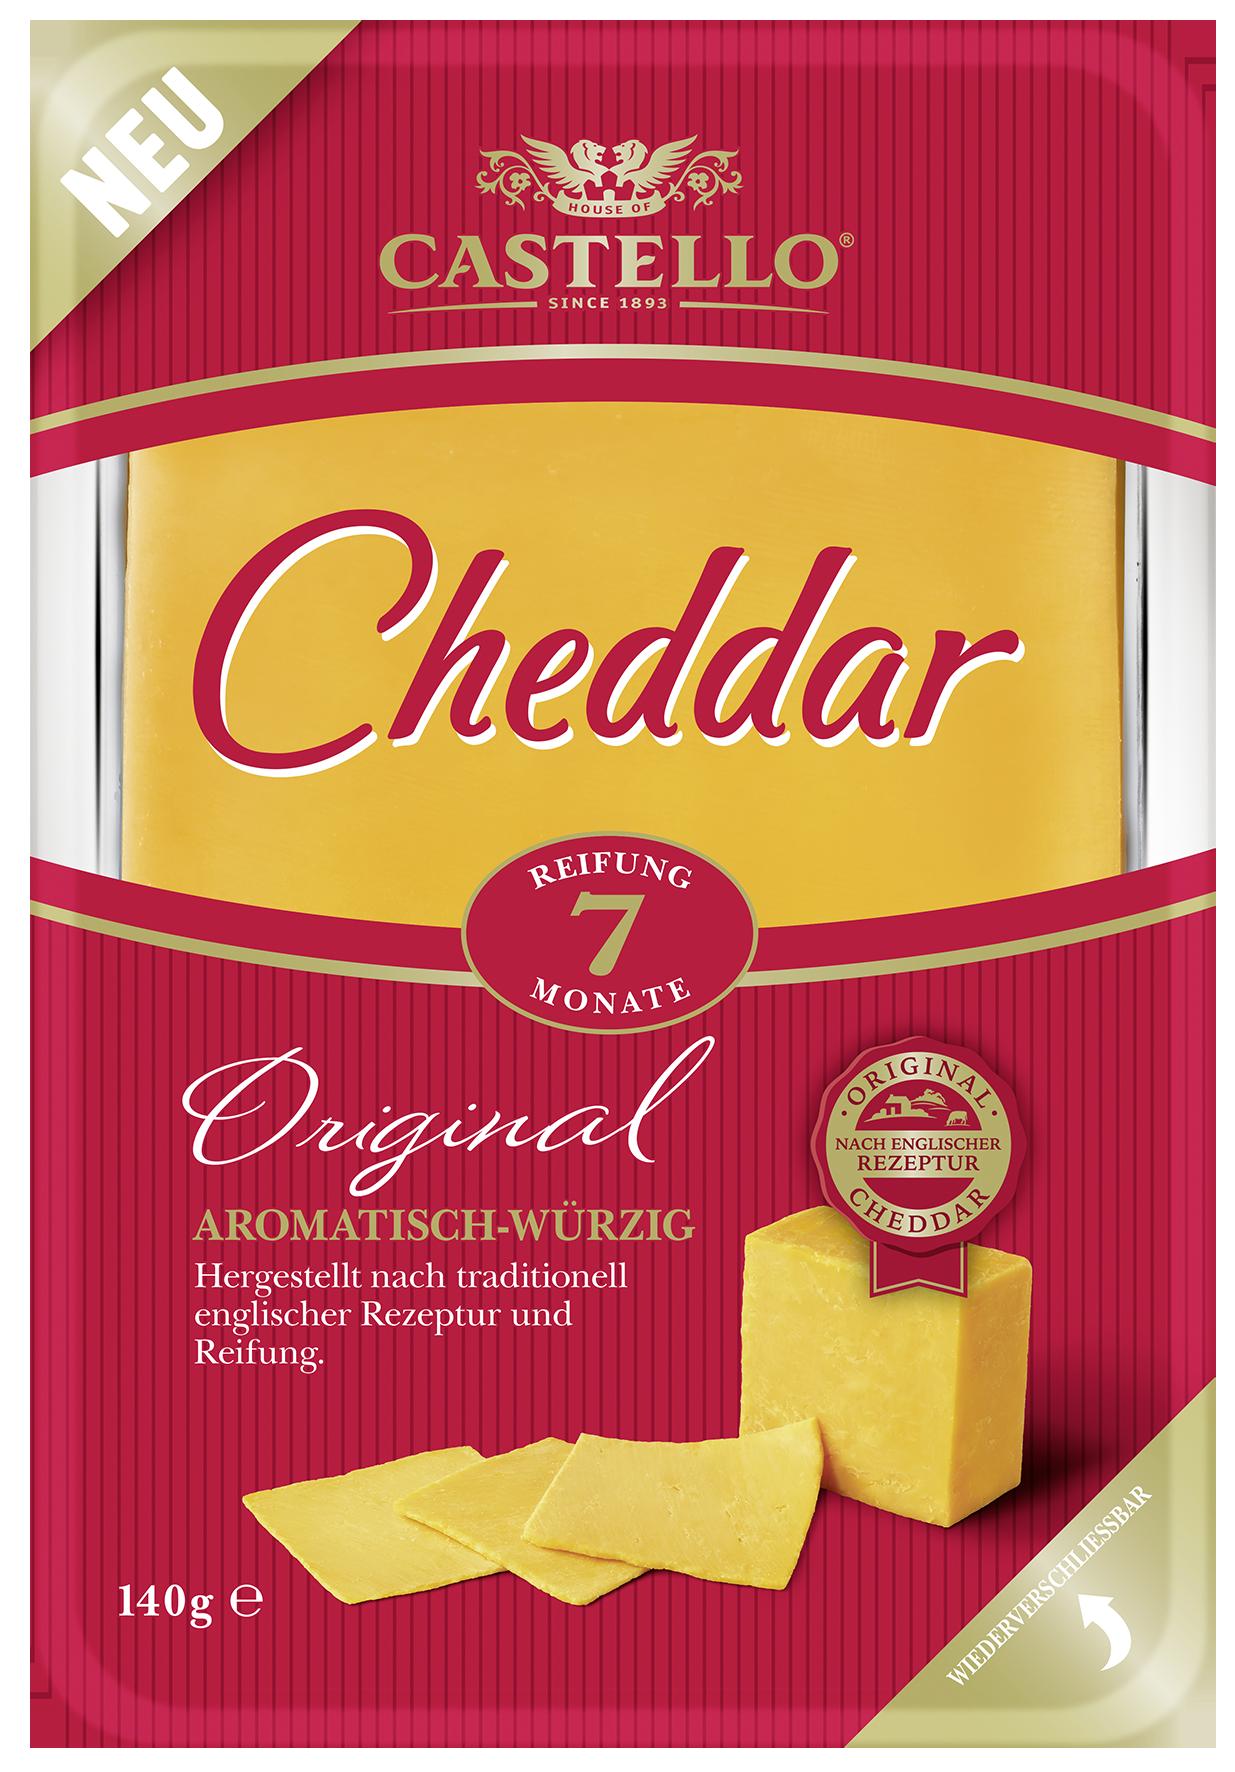 """Castello: Cheddar """"Original"""" und """"Extra lange gereift"""""""